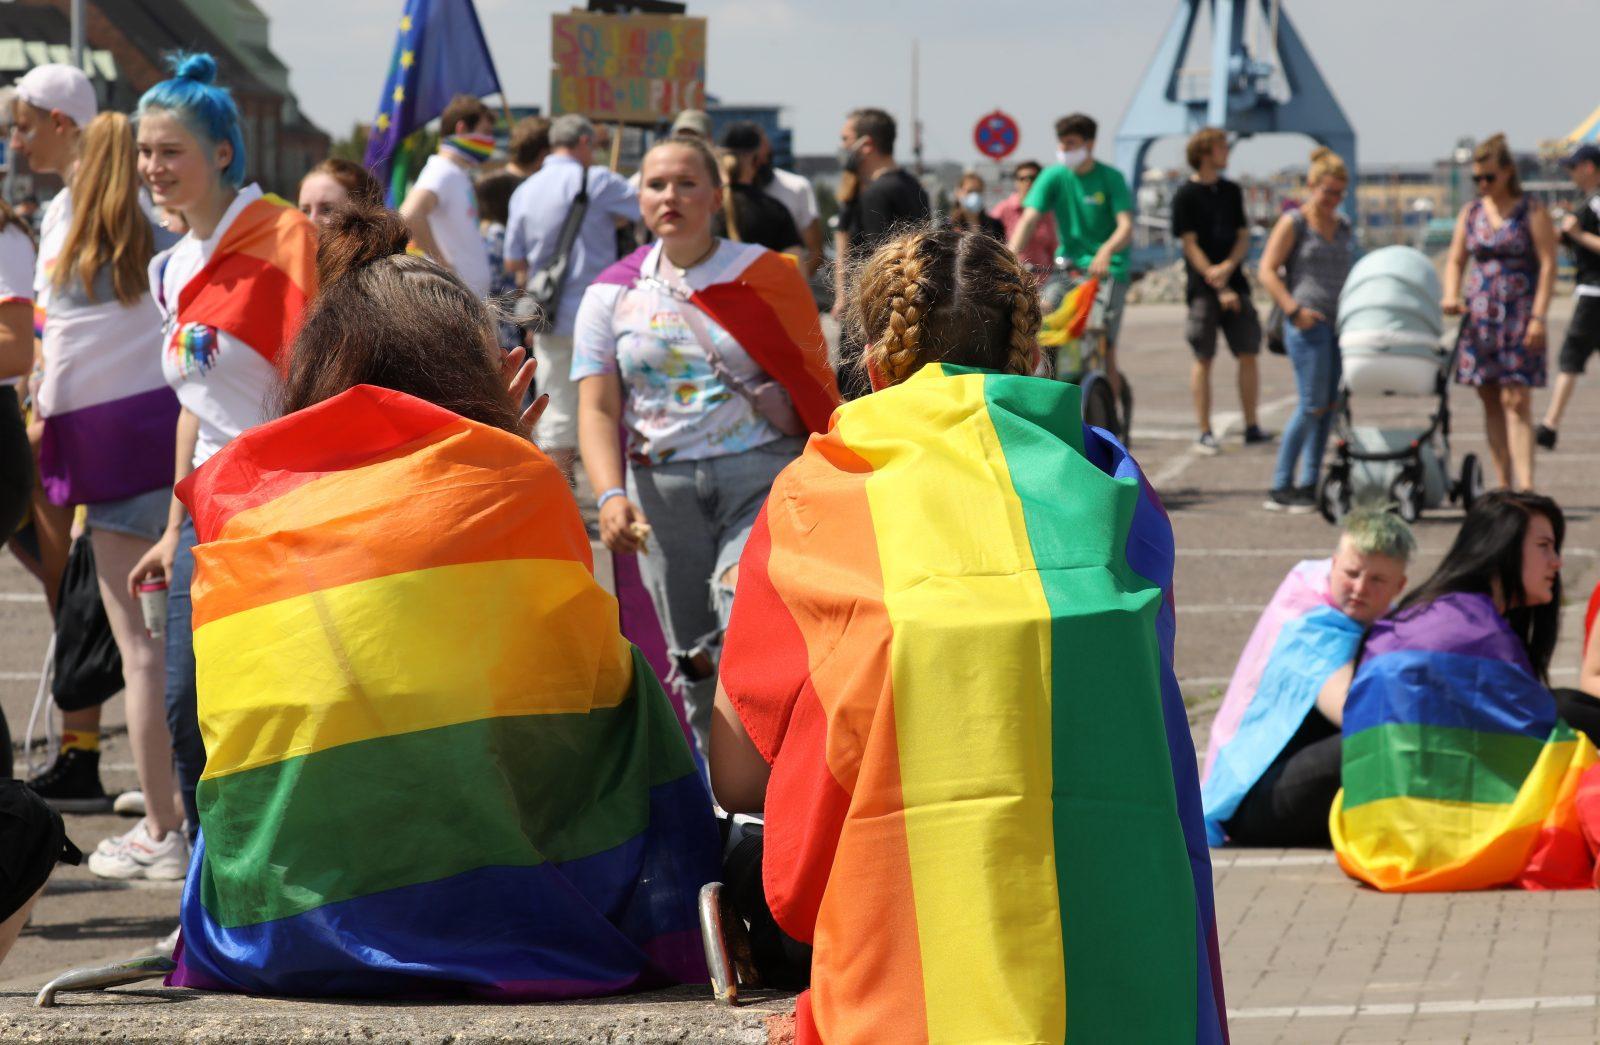 Demonstration anläßlich des Christopher Street Days für sexuelle Vielfalt (Symbolbild) Foto: picture alliance/Bernd Wüstneck/dpa-Zentralbild/dpa